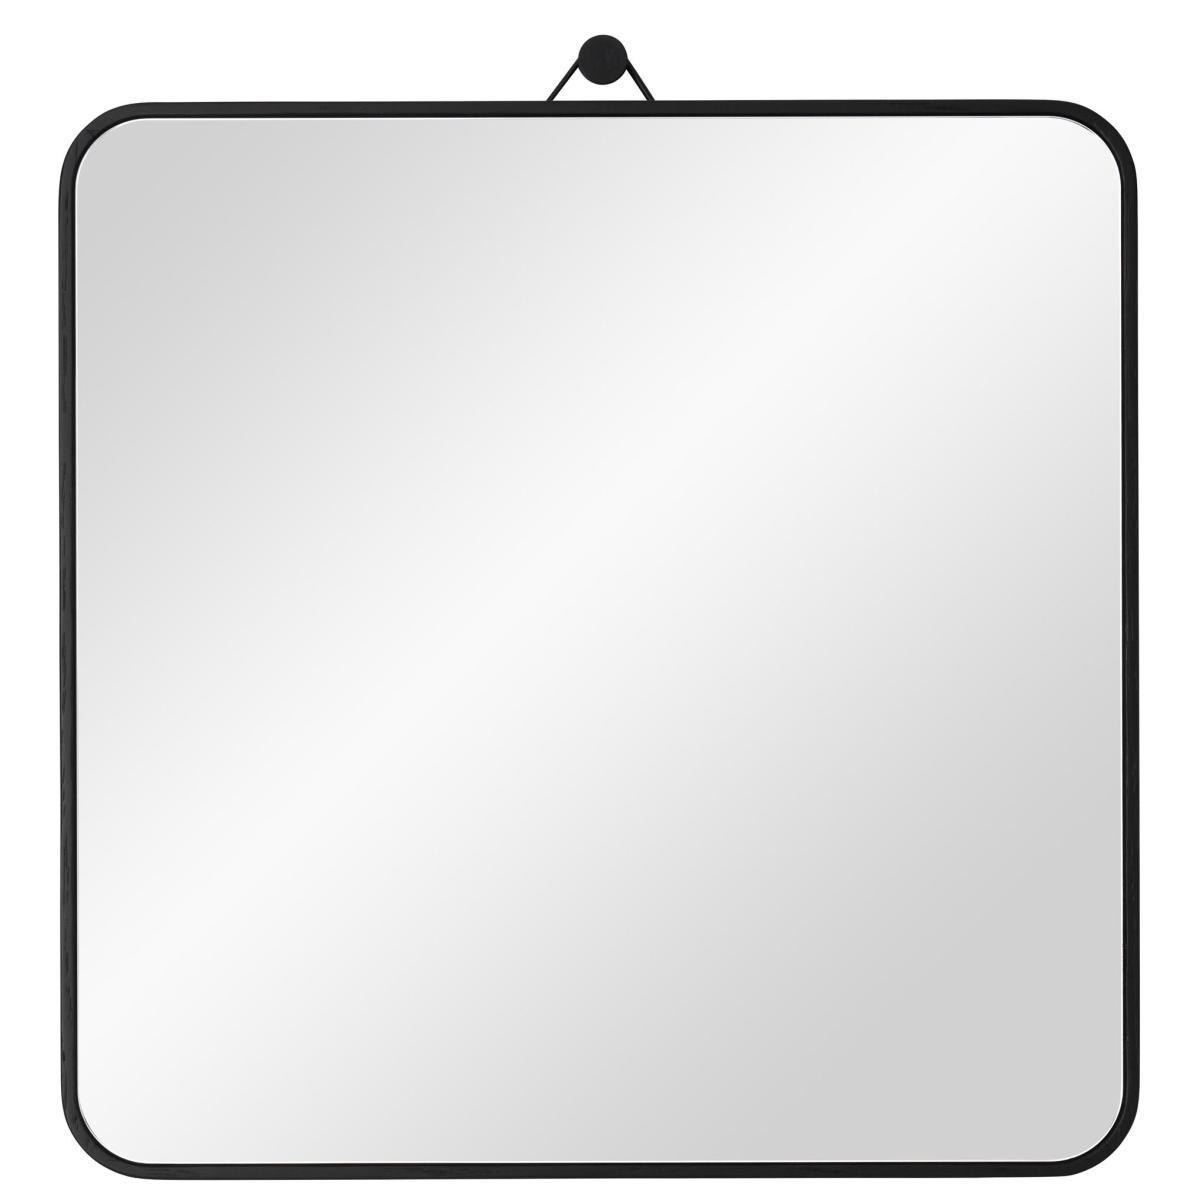 VIEW Spiegel 30 x 30 cm Eiche schwarz